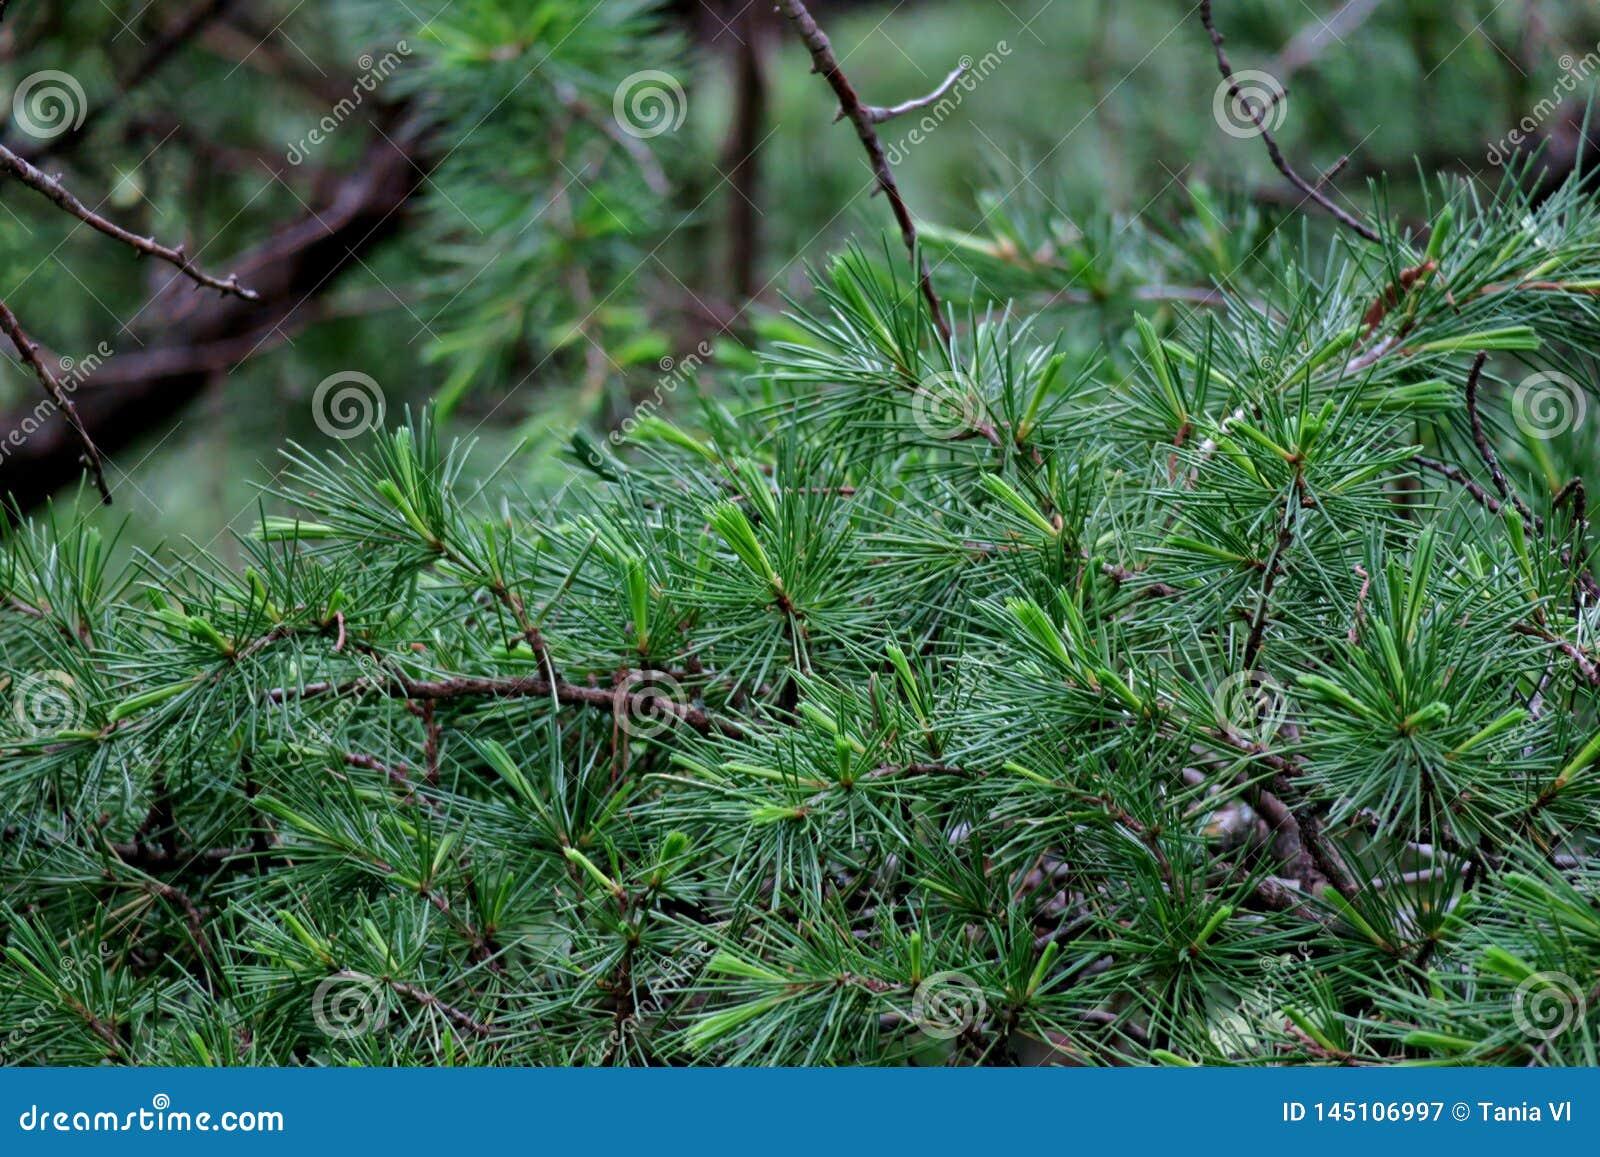 Mooie groene achtergrond van de takken van het close-up van pijnboomnaalden